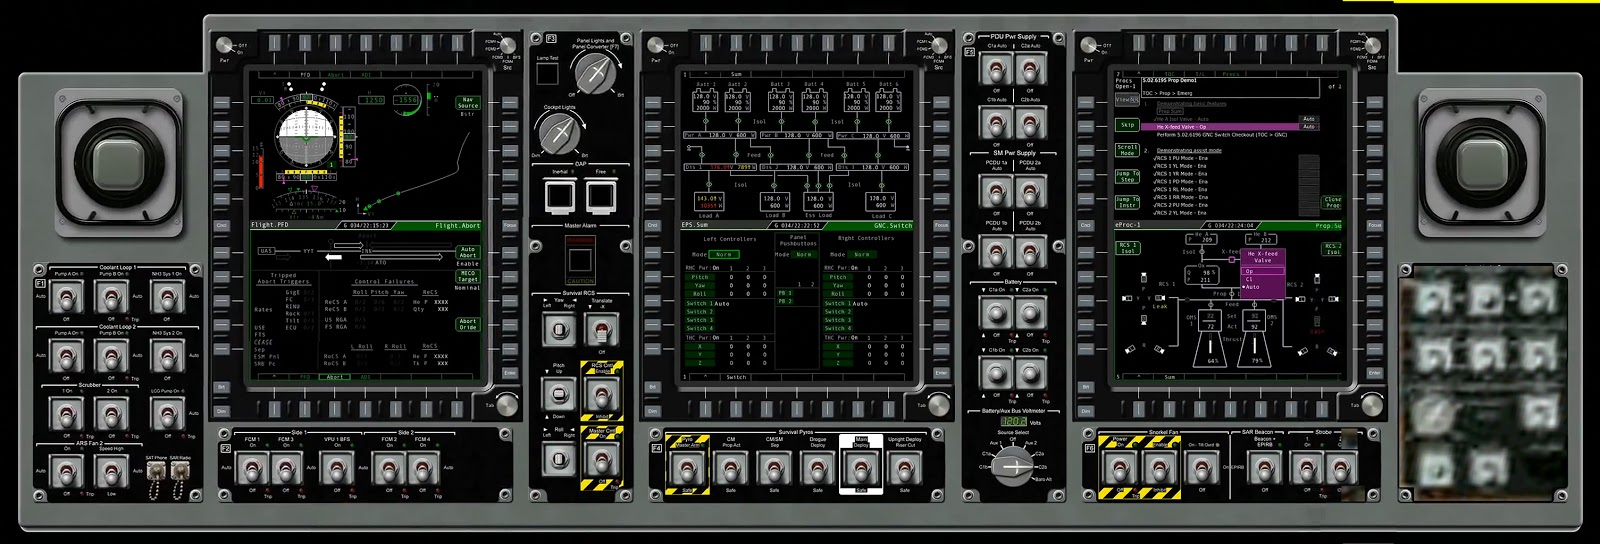 orion spacecraft cockpit - photo #8